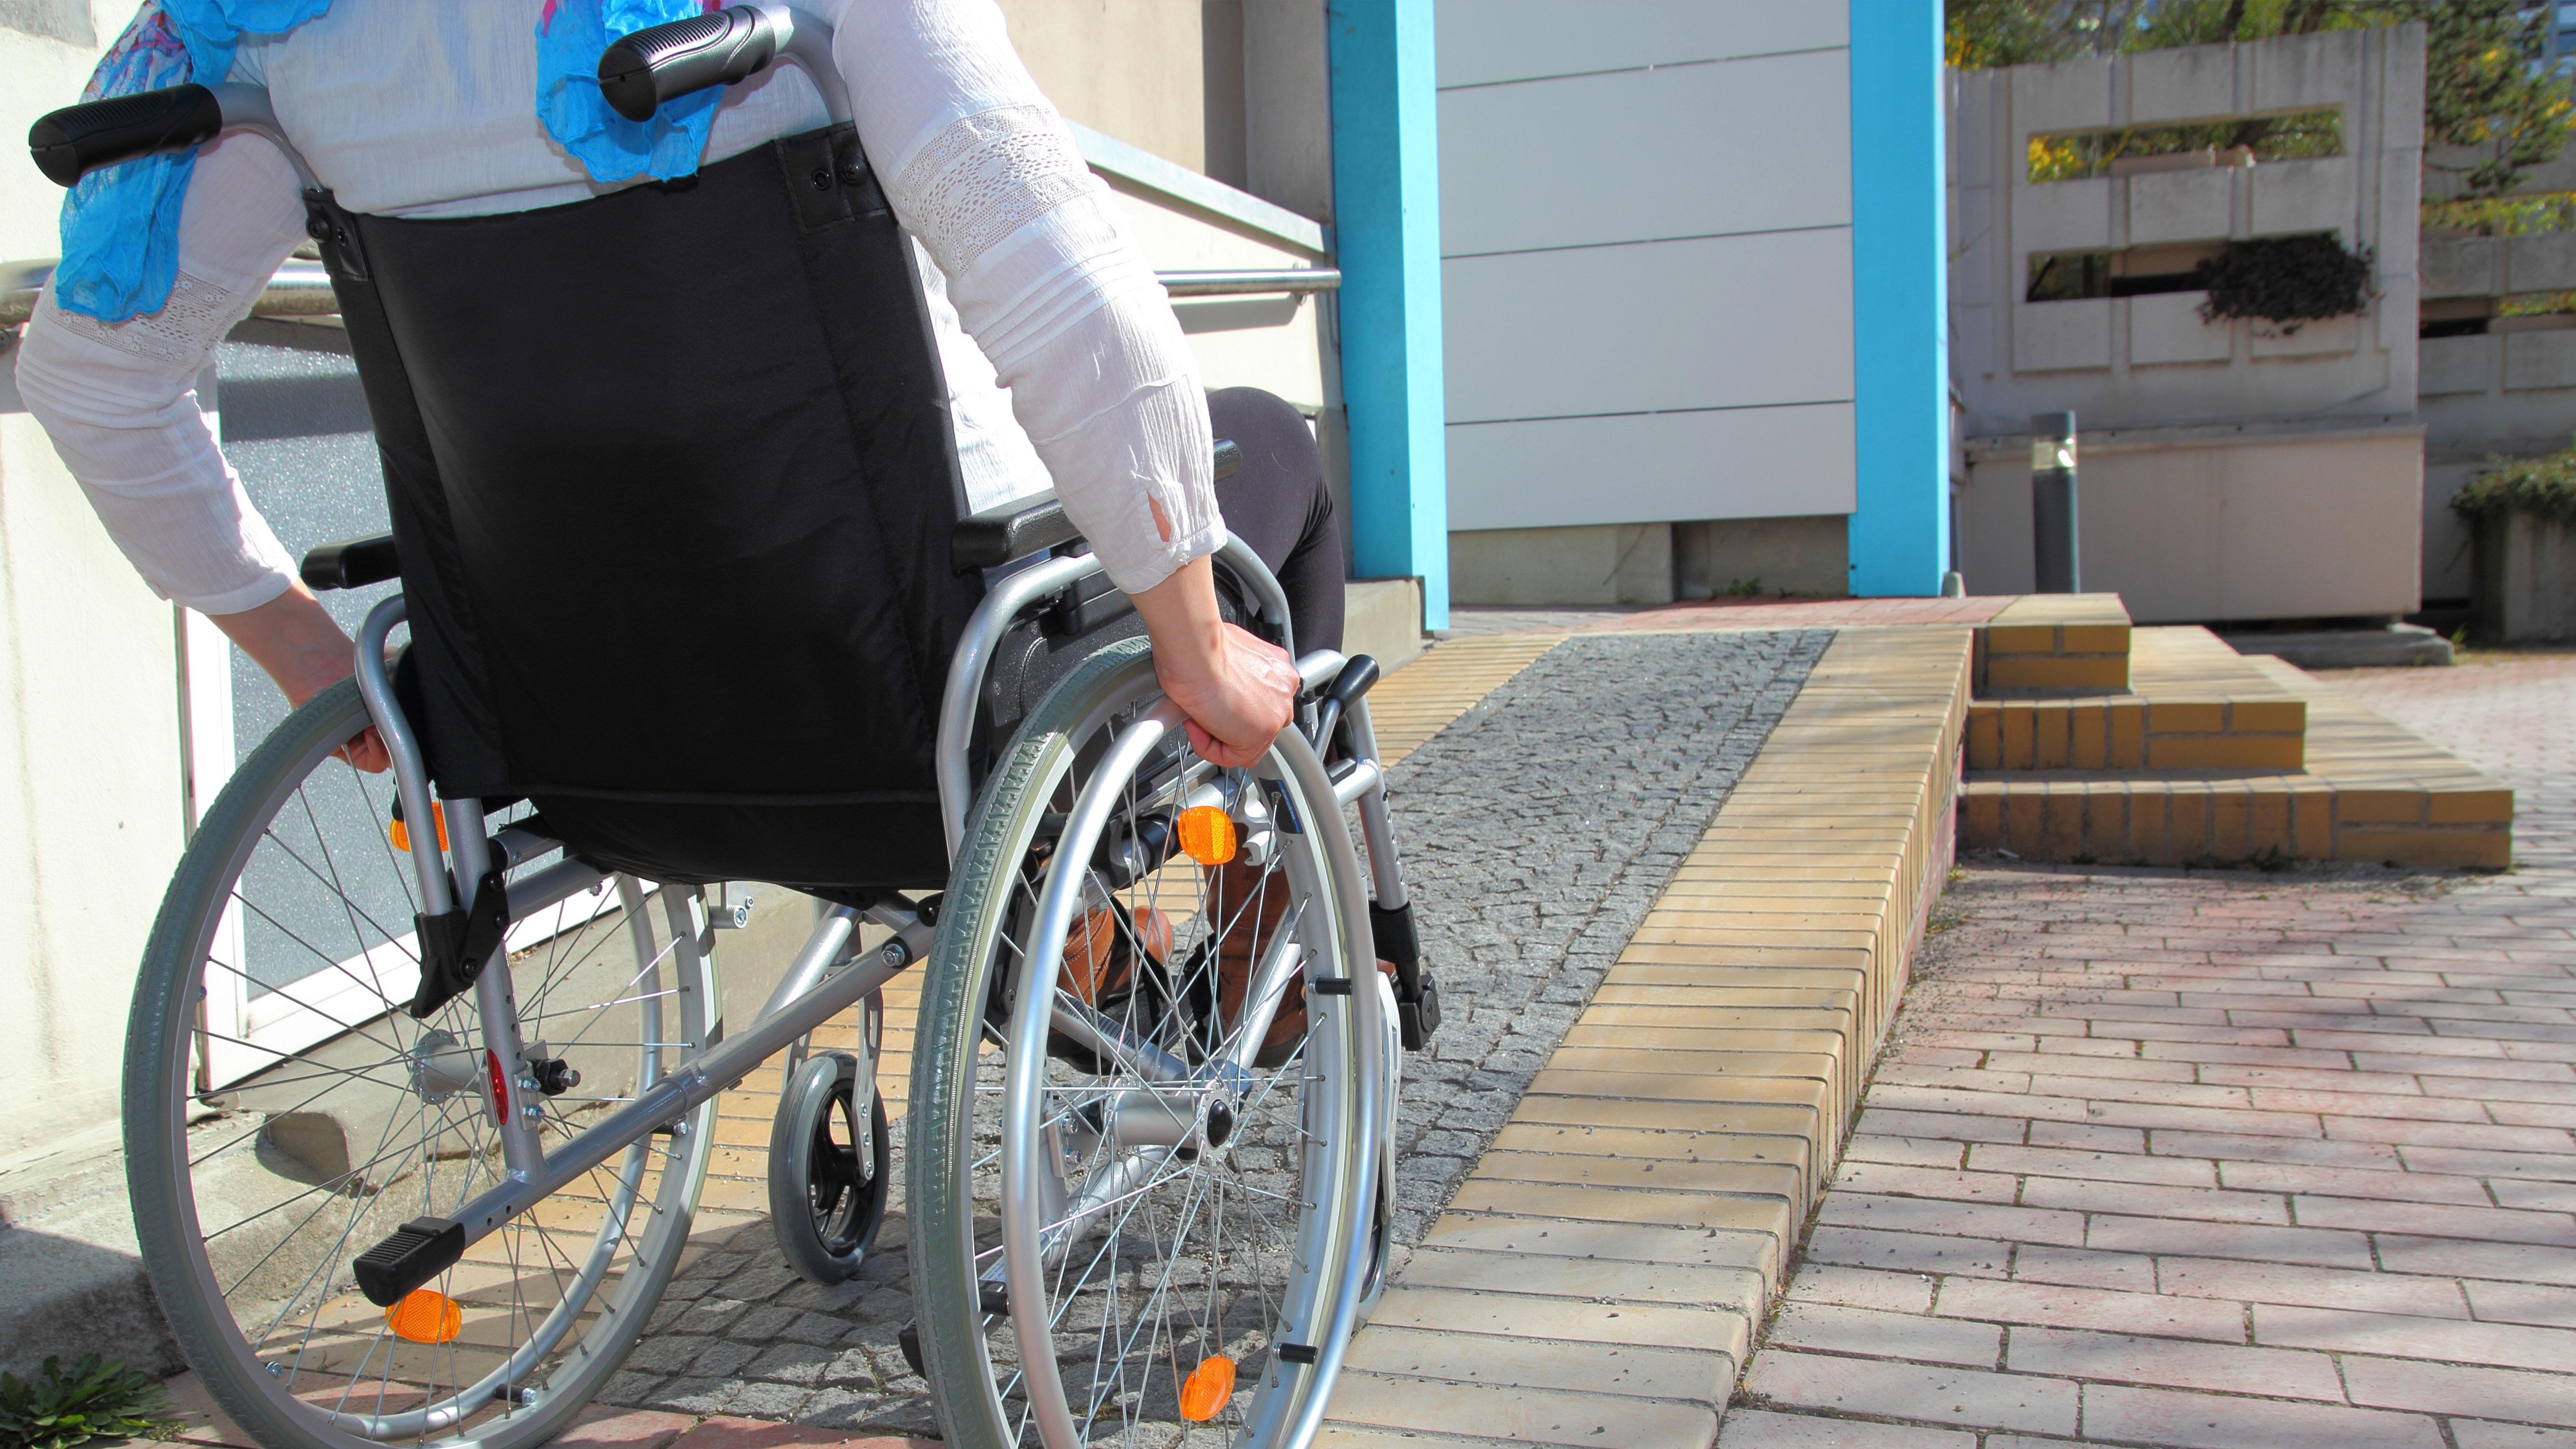 Barrierefreiheit für Rollstuhlfahrer